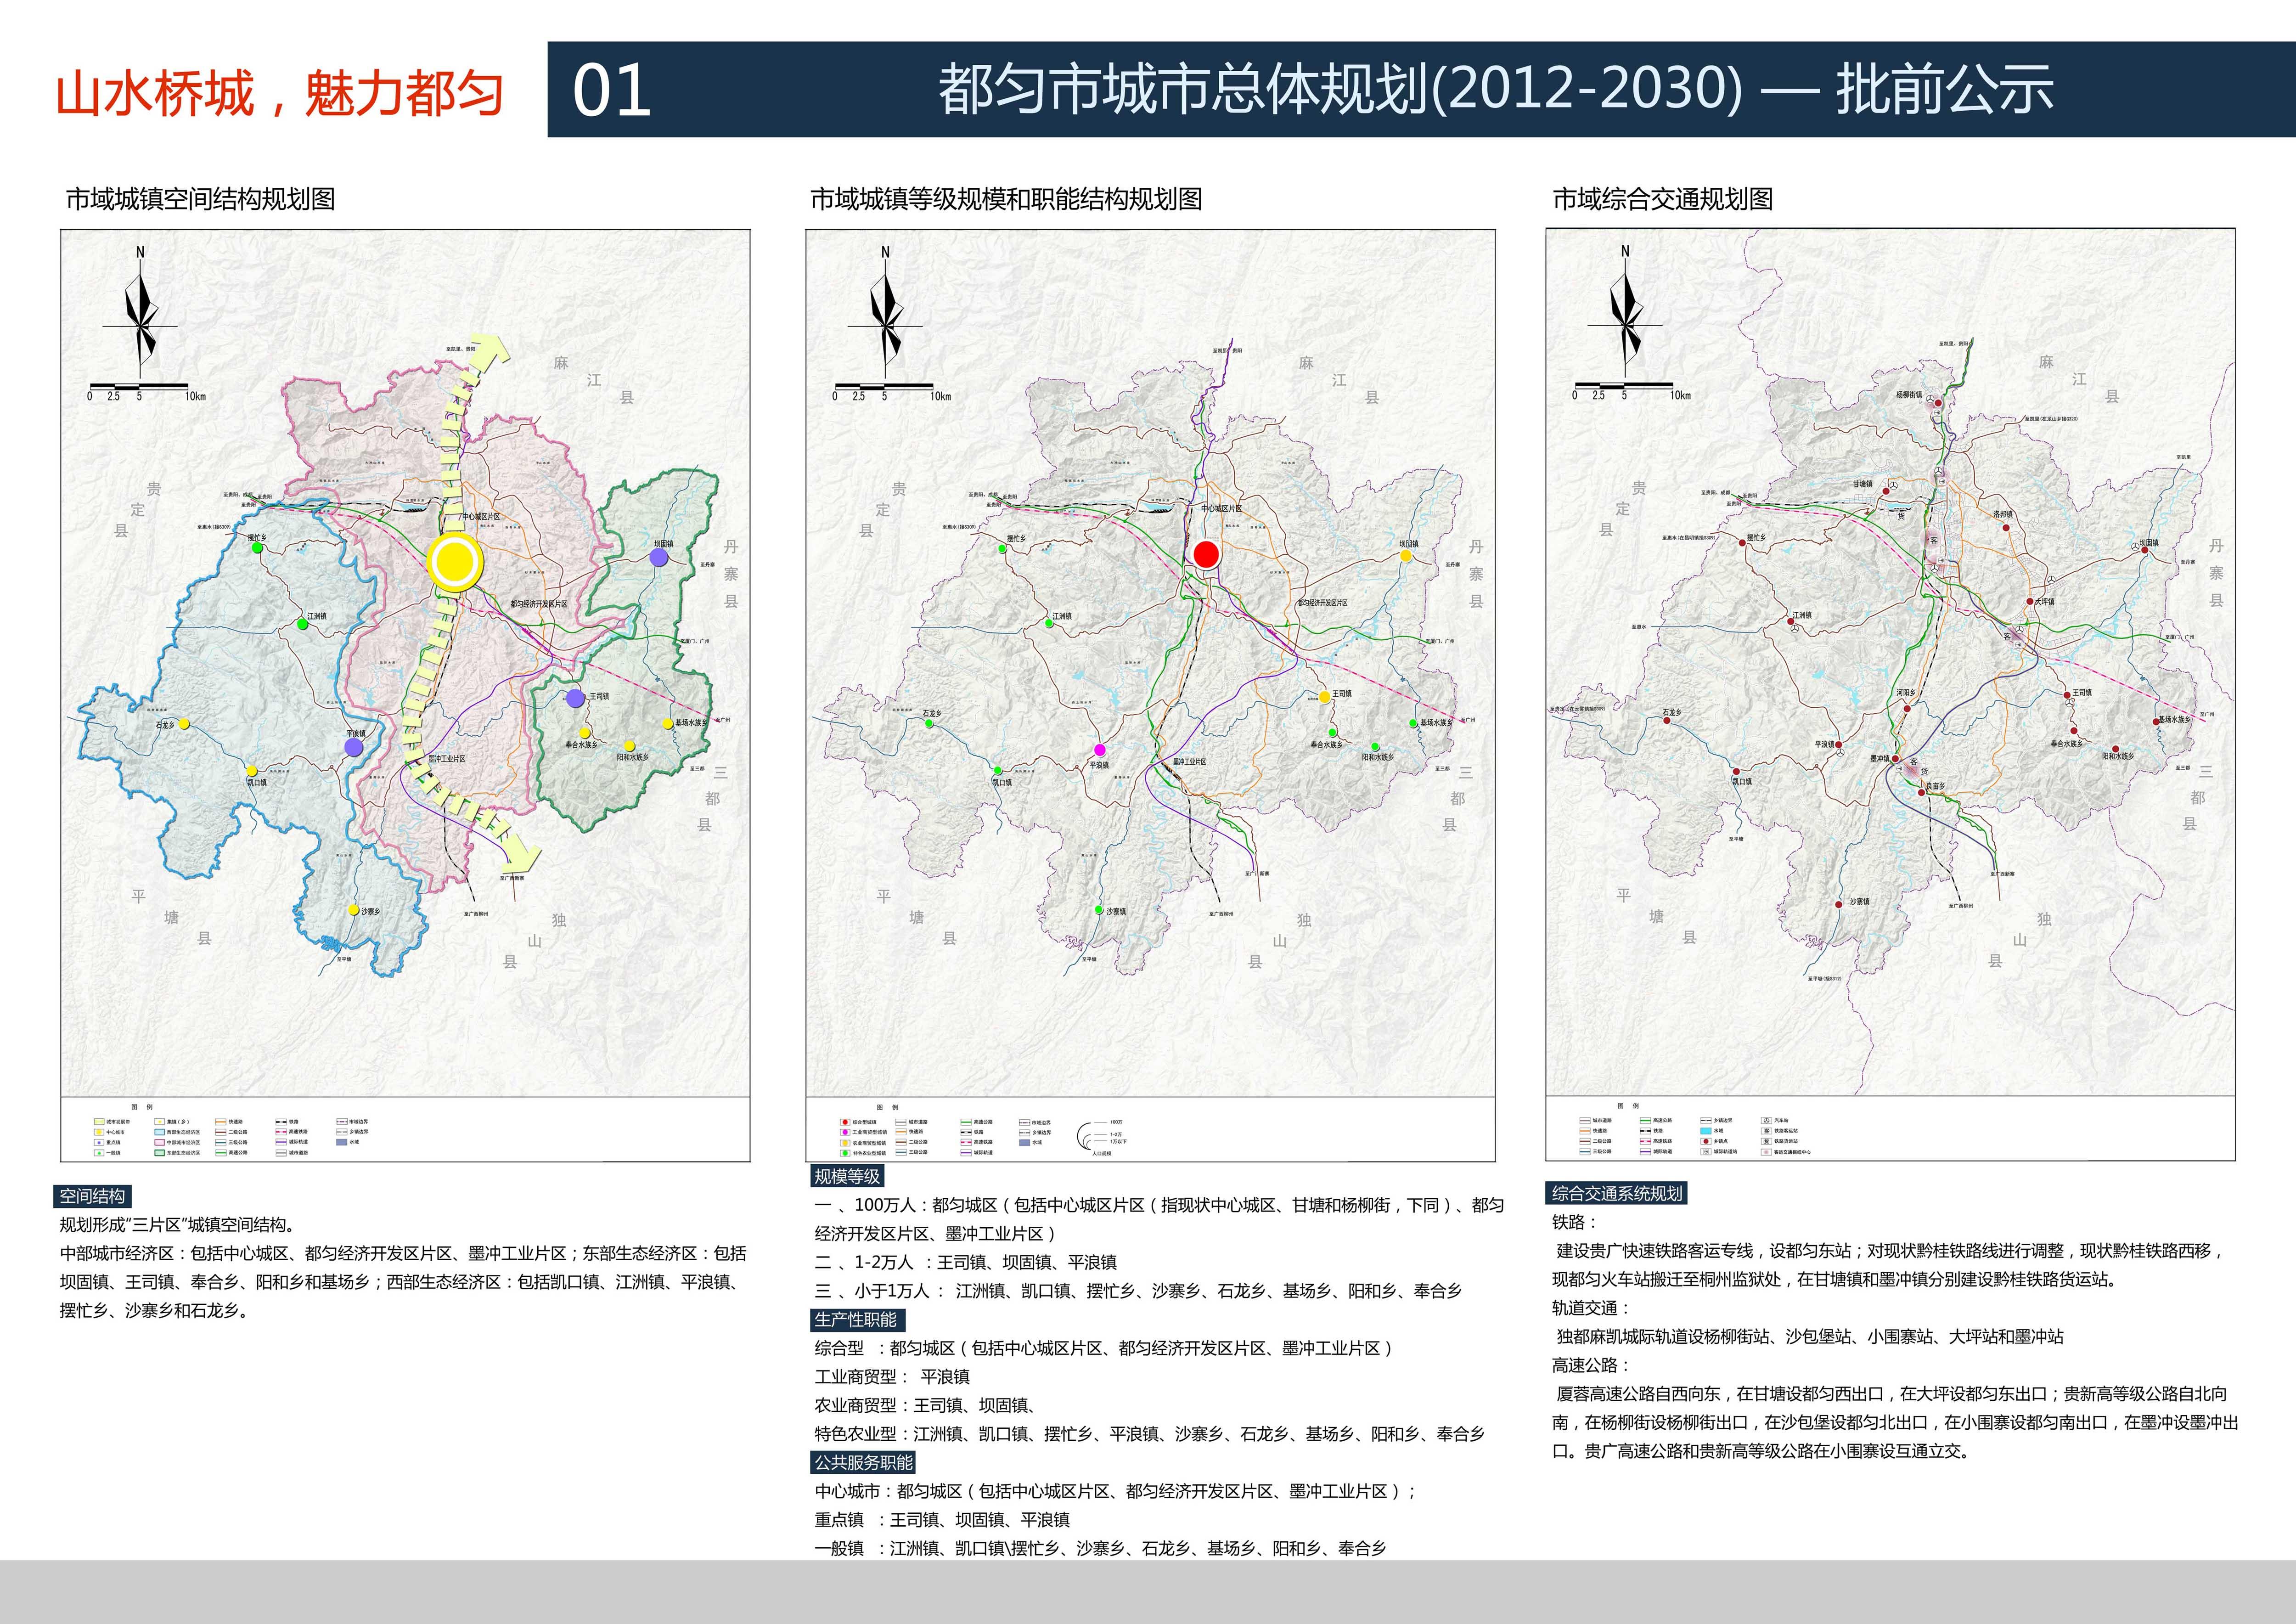 贵州城市规划 贵州城市规划条例 贵州城市规划图